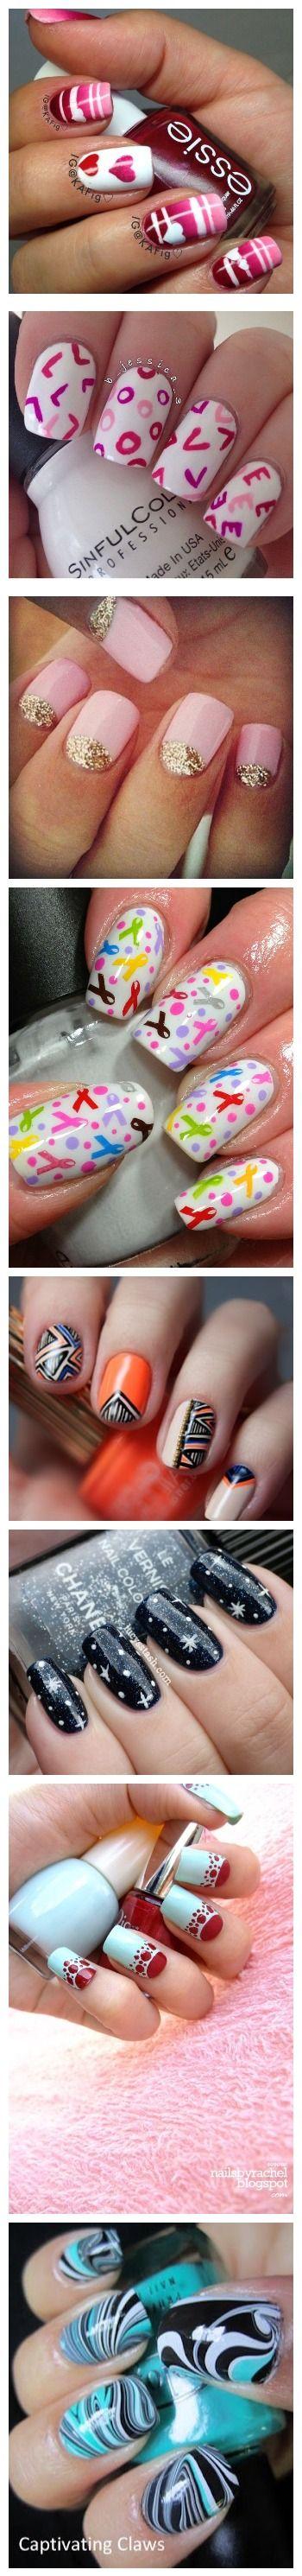 Nail Art Ideas and Designs...love this idea..pretty!!!